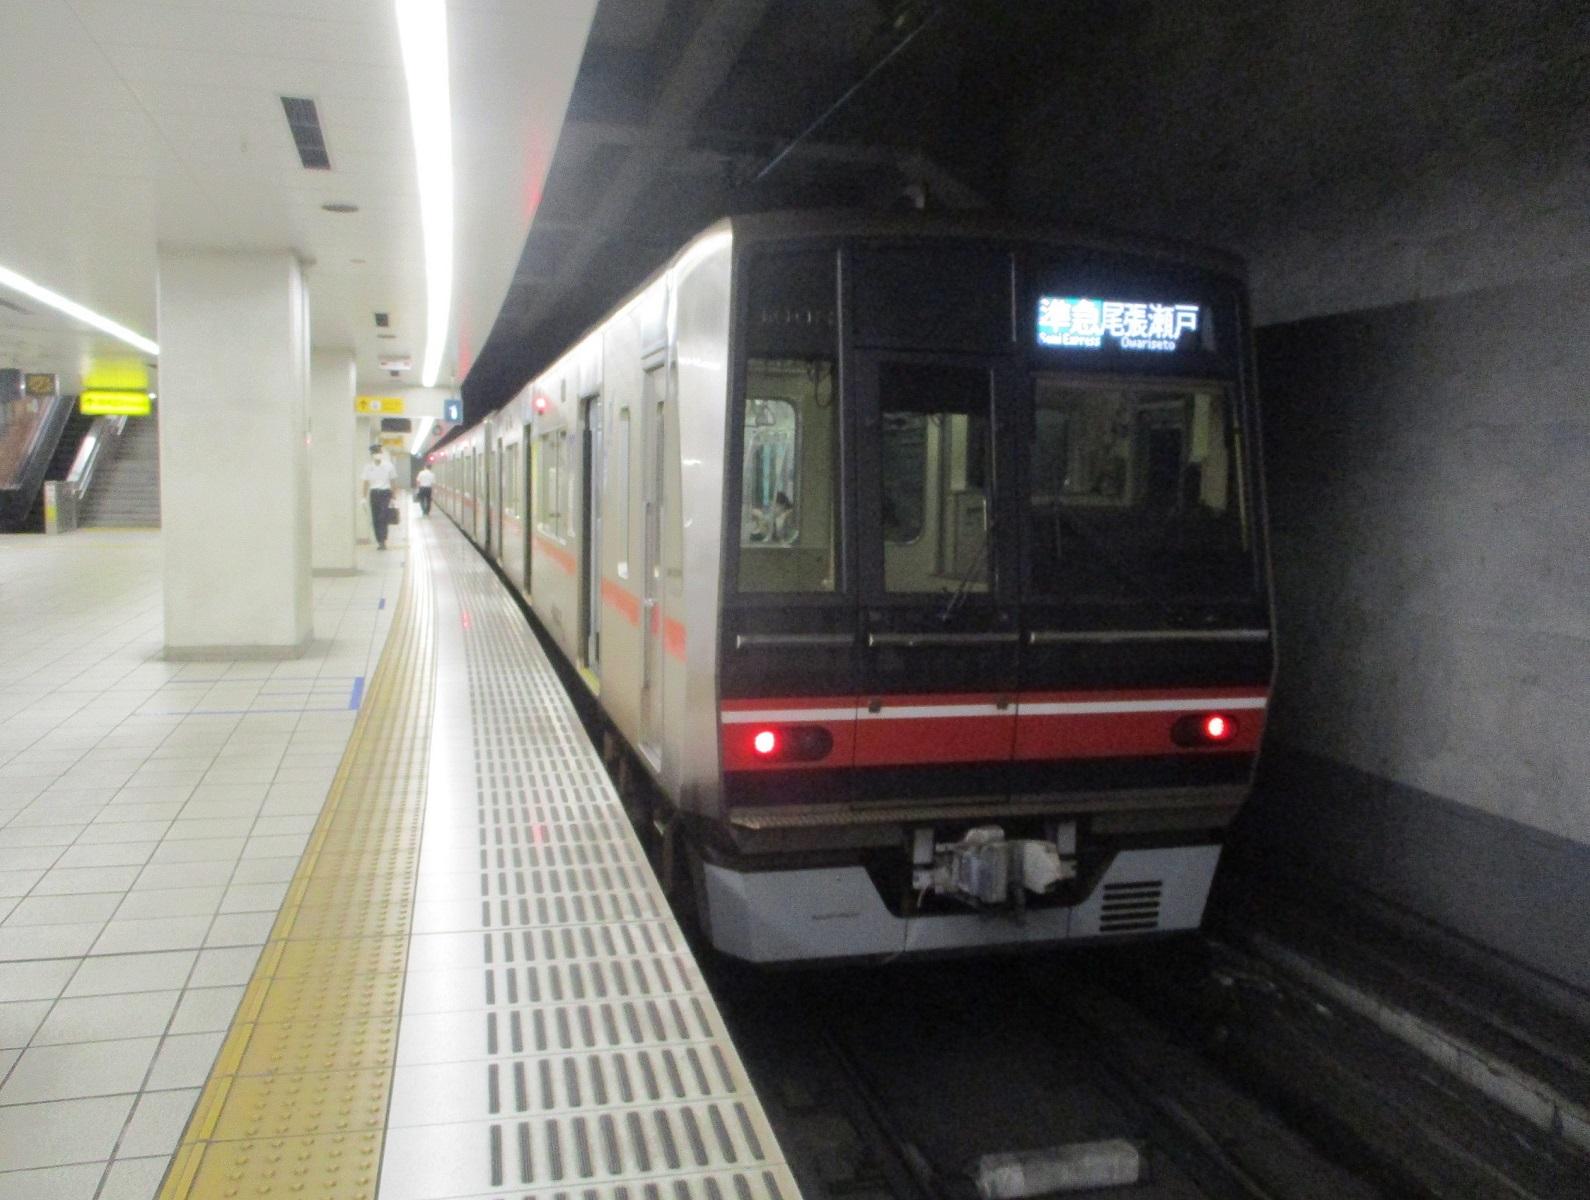 2020.7.13 (7) 栄町 - 尾張瀬戸いき準急 1590-1200